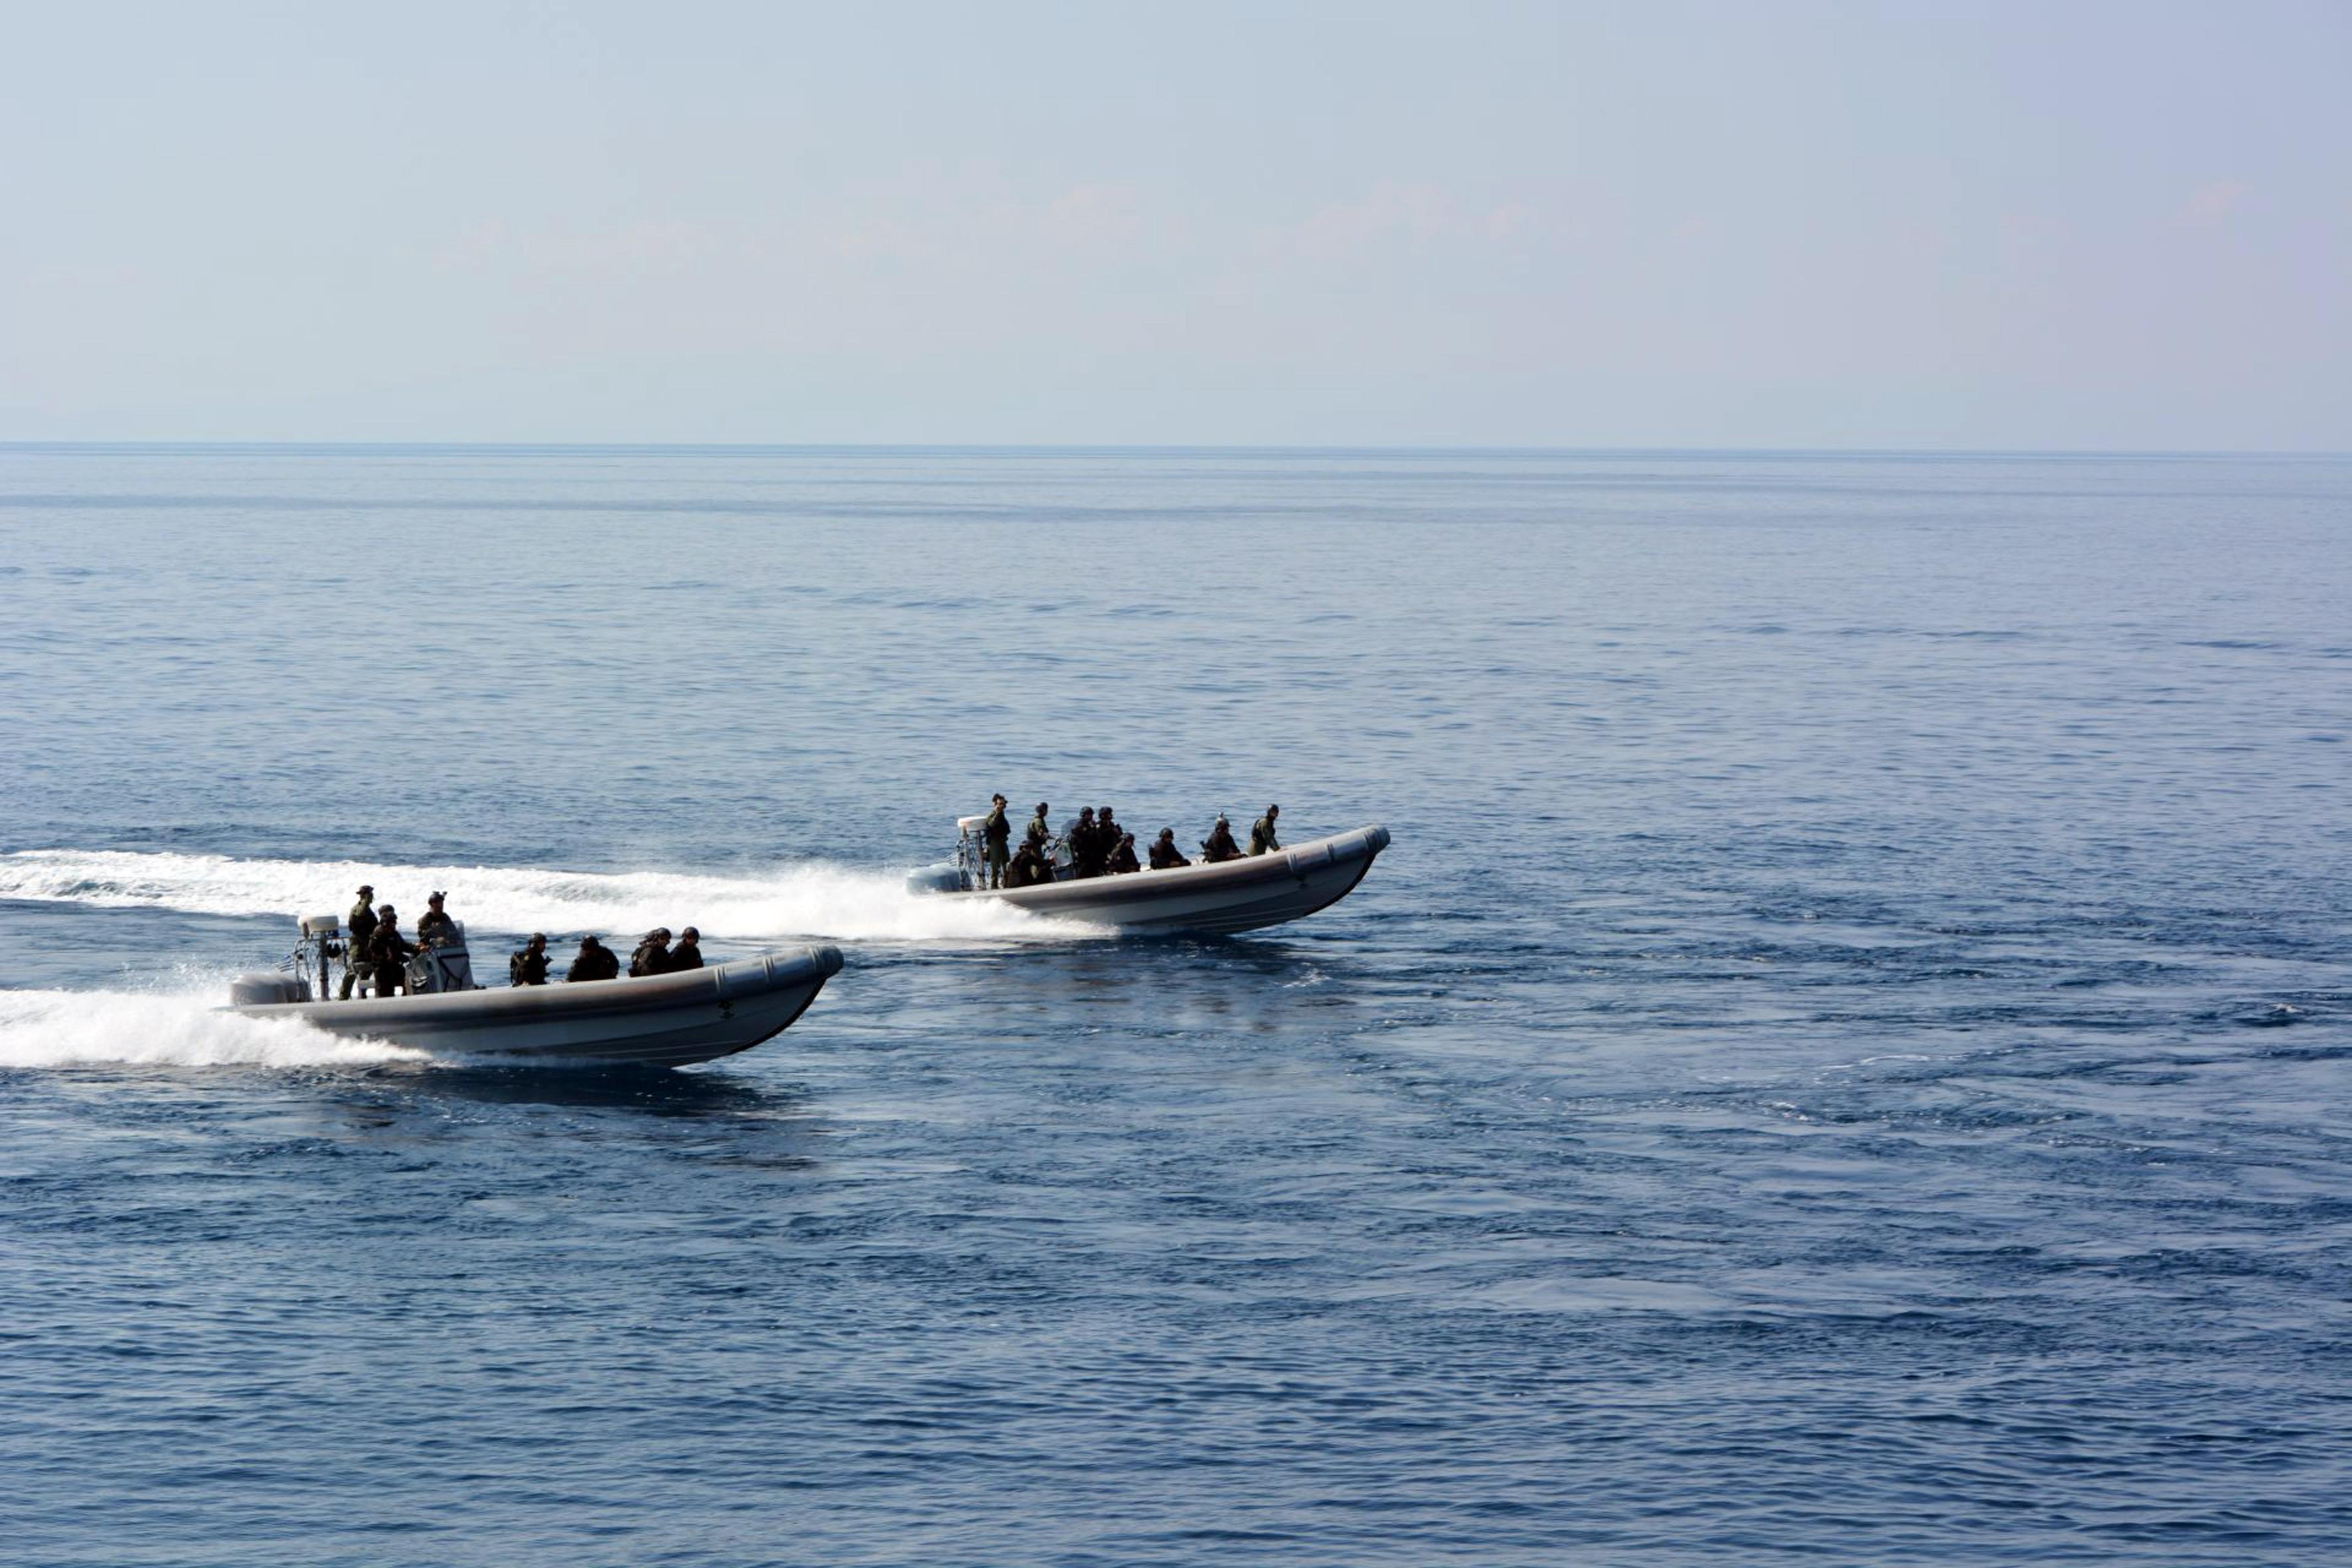 Απρόθυμα τα κράτη-μέλη της ΕΕ να ενισχύσουν την Frontex | tovima.gr